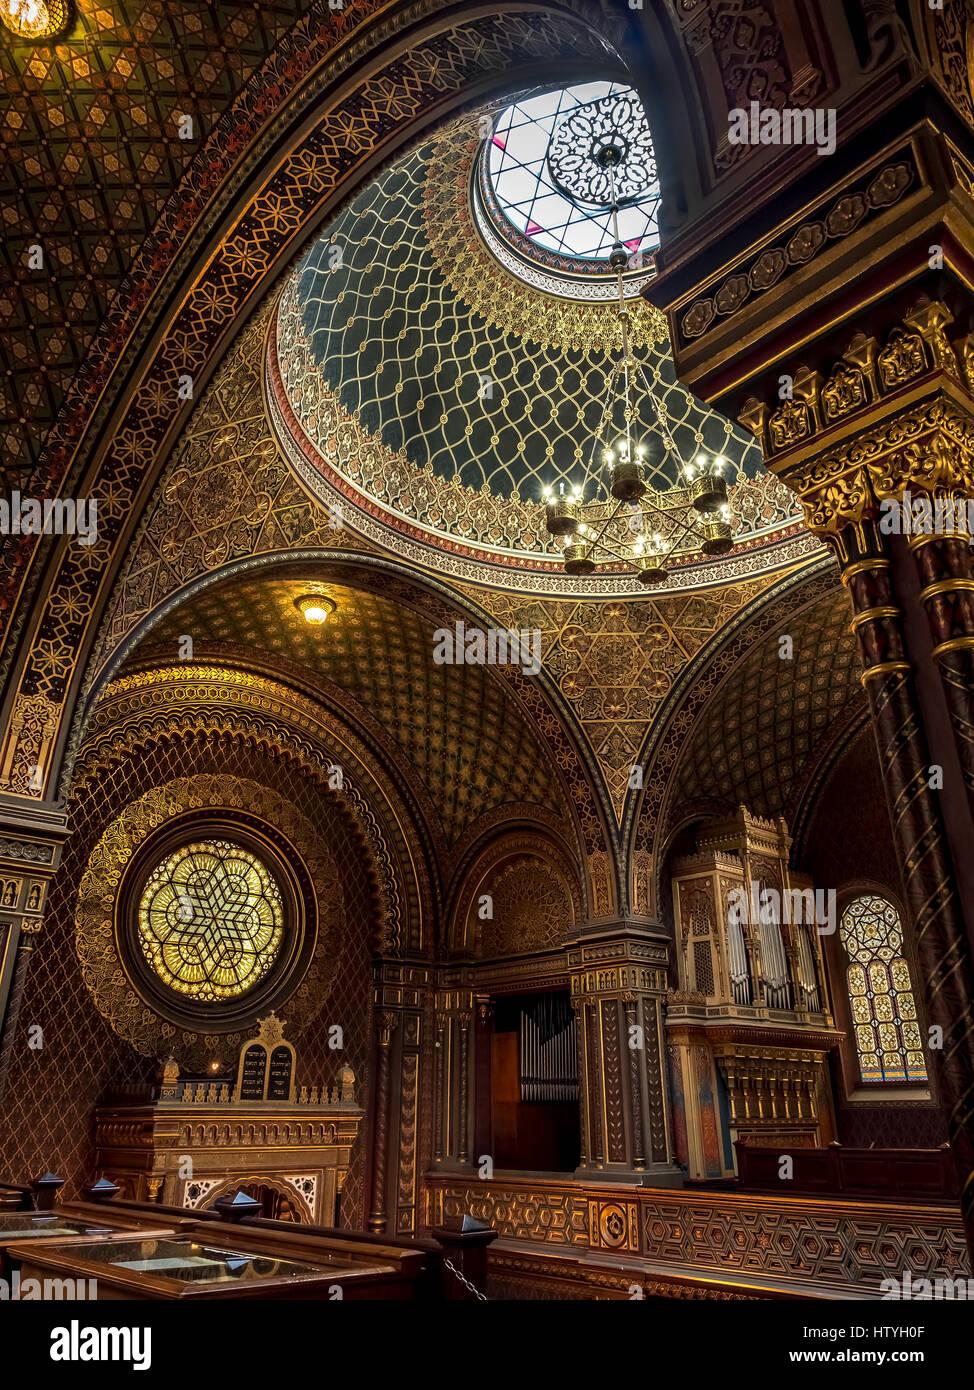 Spanish synagogue inside stockfotos spanish synagogue - Spanische dekoration ...